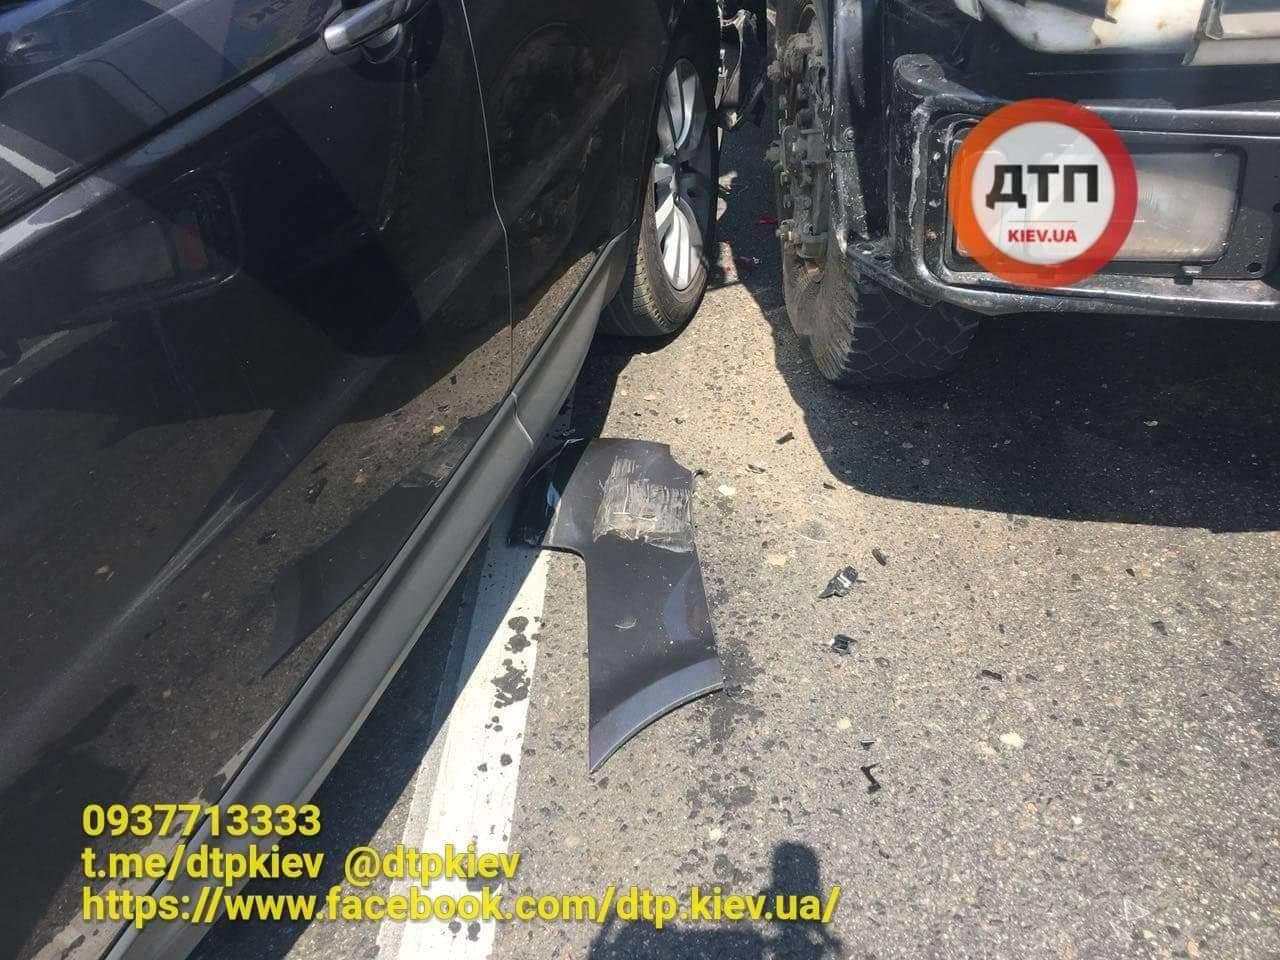 На Печерском путепроводе в Киеве грузовик протаранил Range Rover (фото)